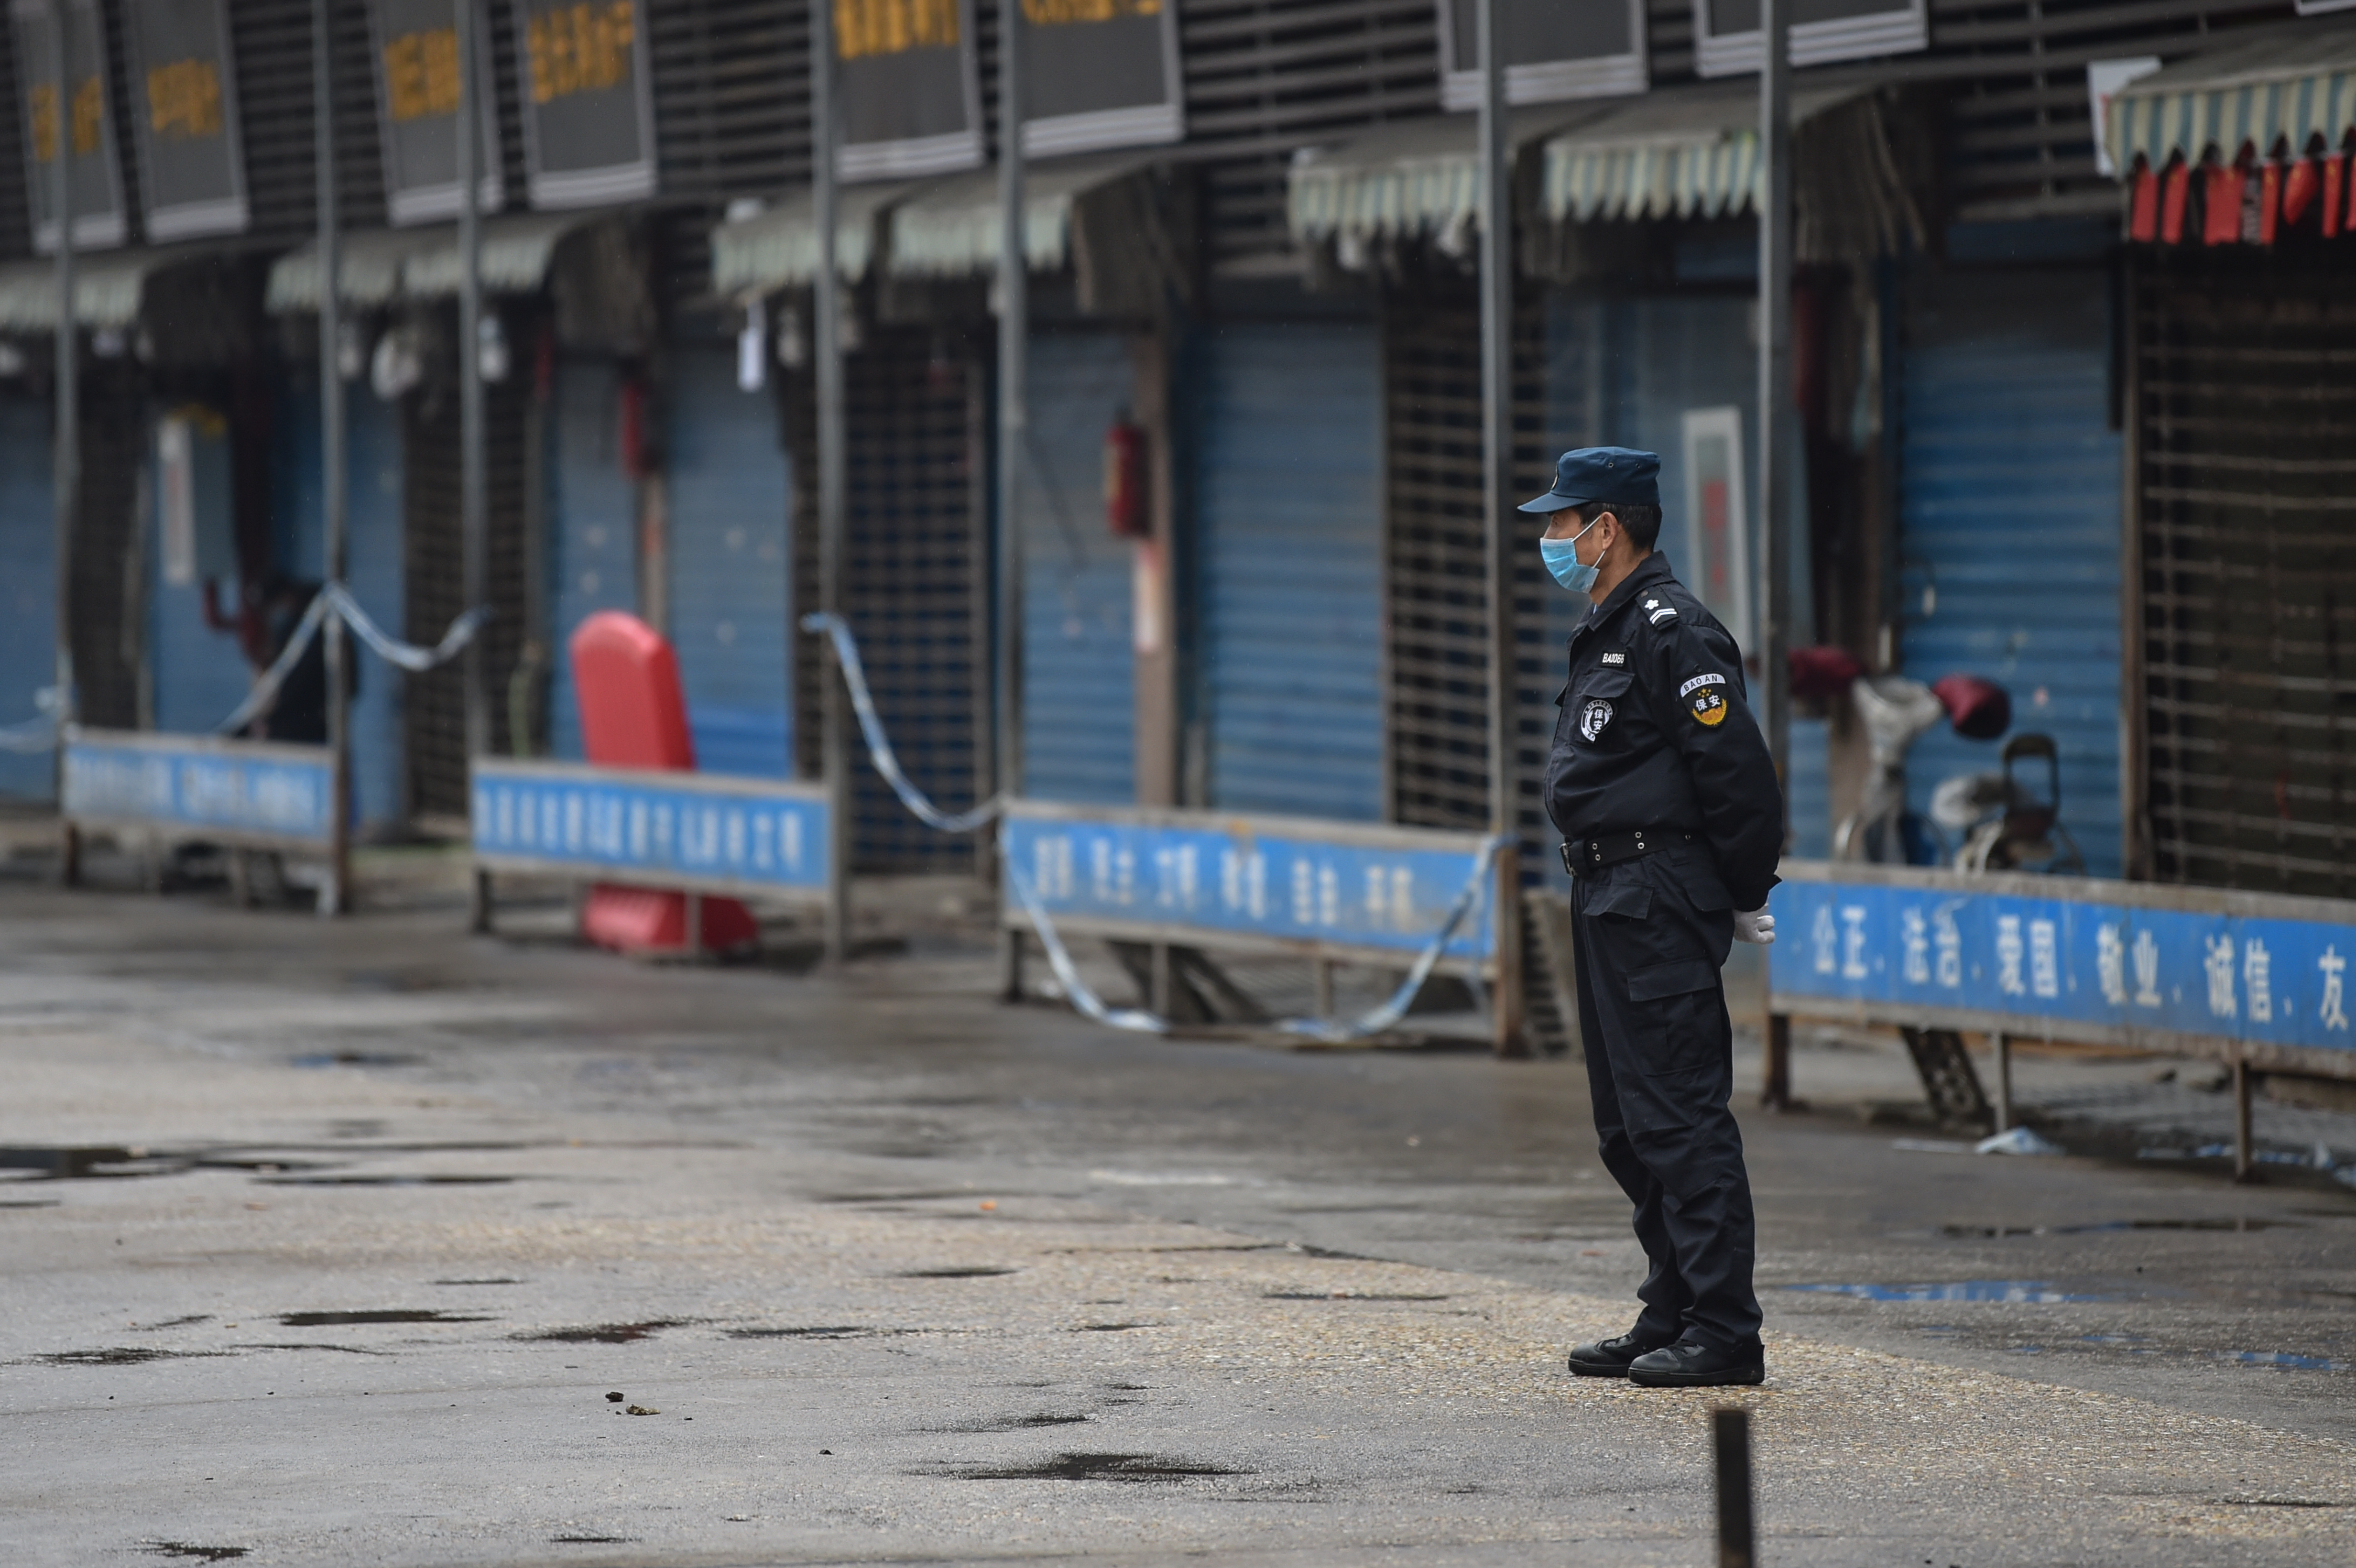 شرطي صيني خارج سوق الأسماك الذي انتشر منه فيروس كورونا المستجد في مدينة ووهان- 24 يناير 2020